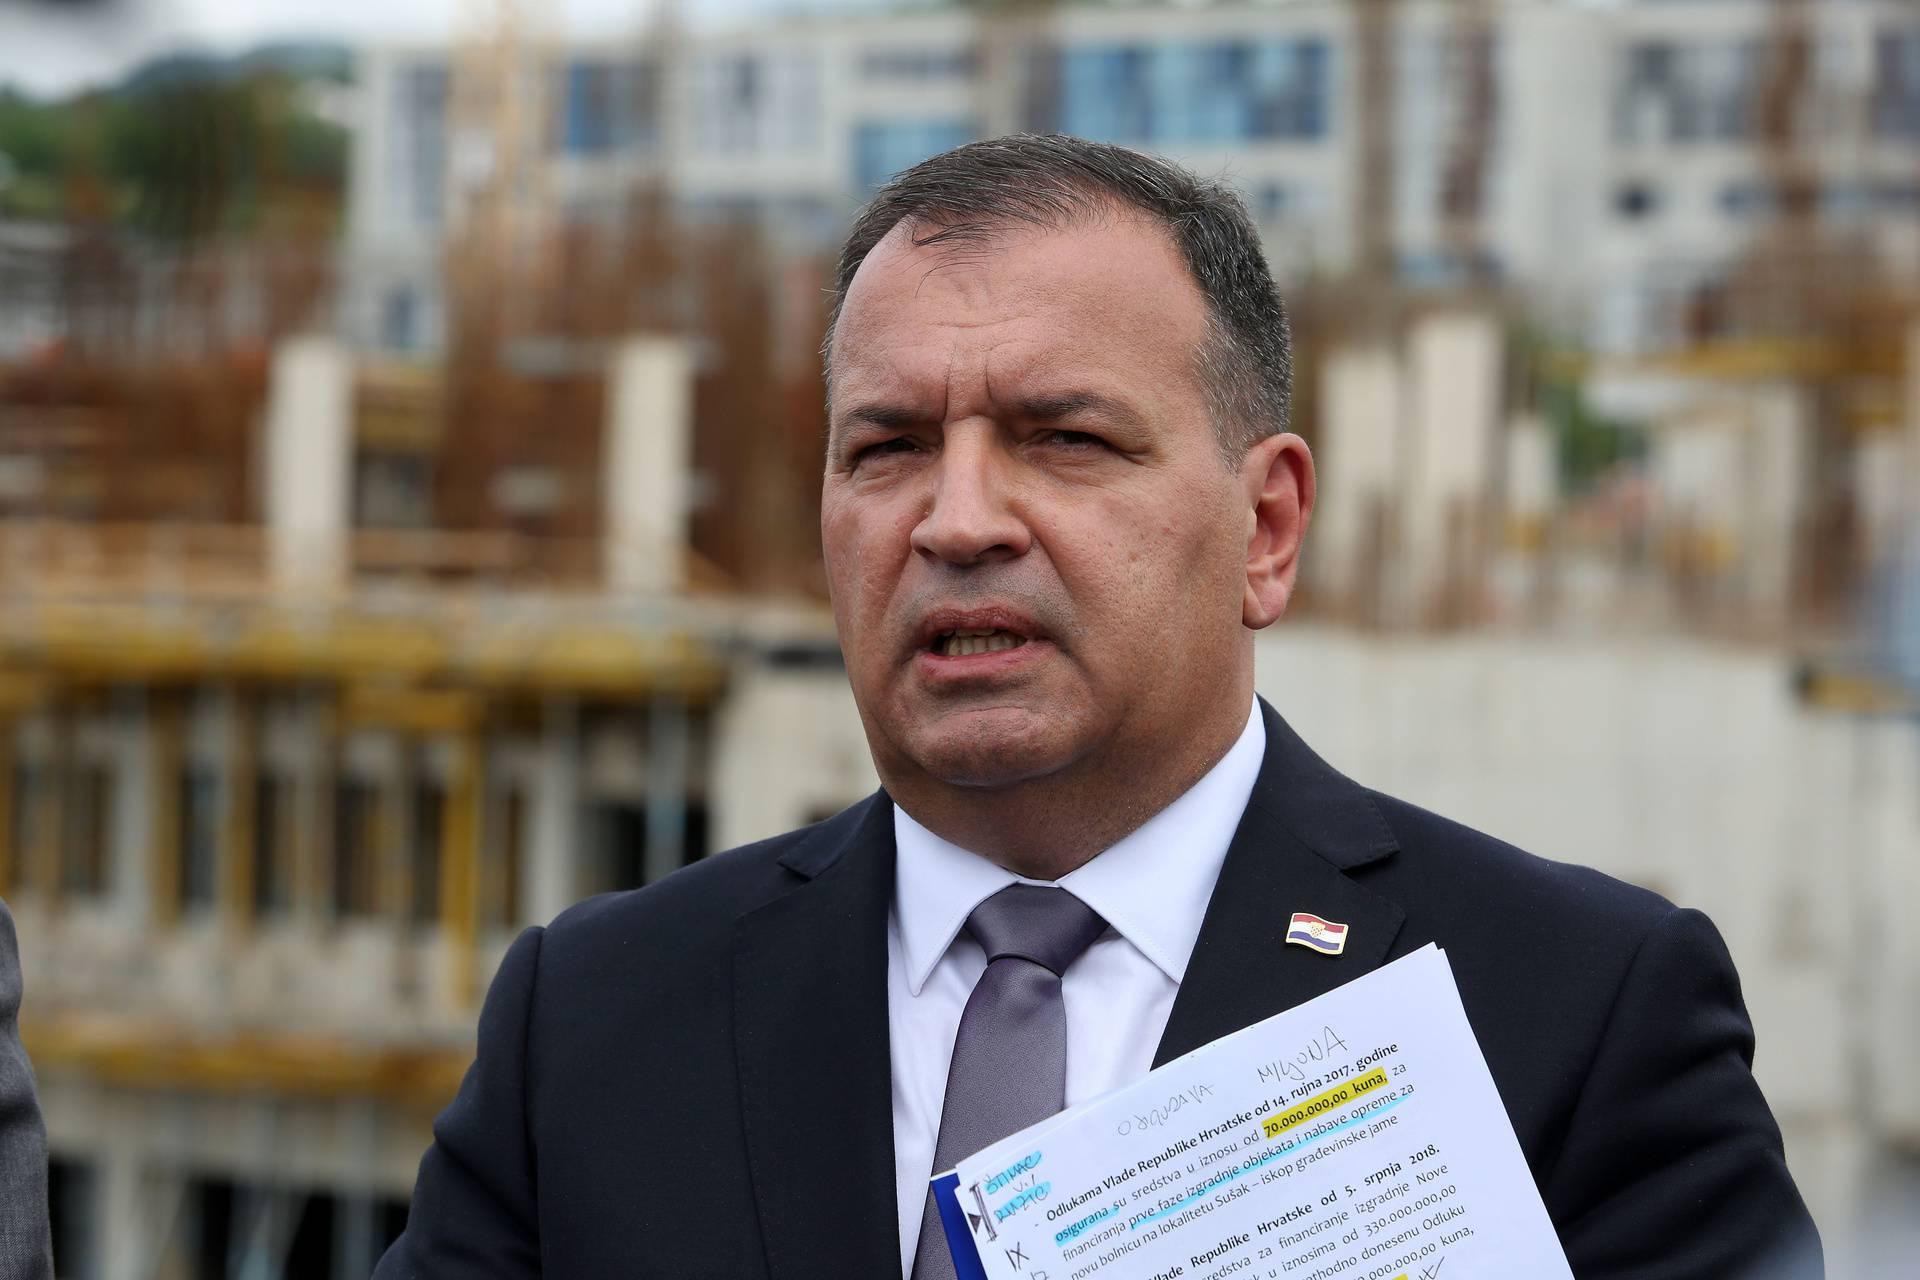 Beroš: Meni je cilj da HDZ na izborima osvoji najveći broj mandata i povjerenje građana